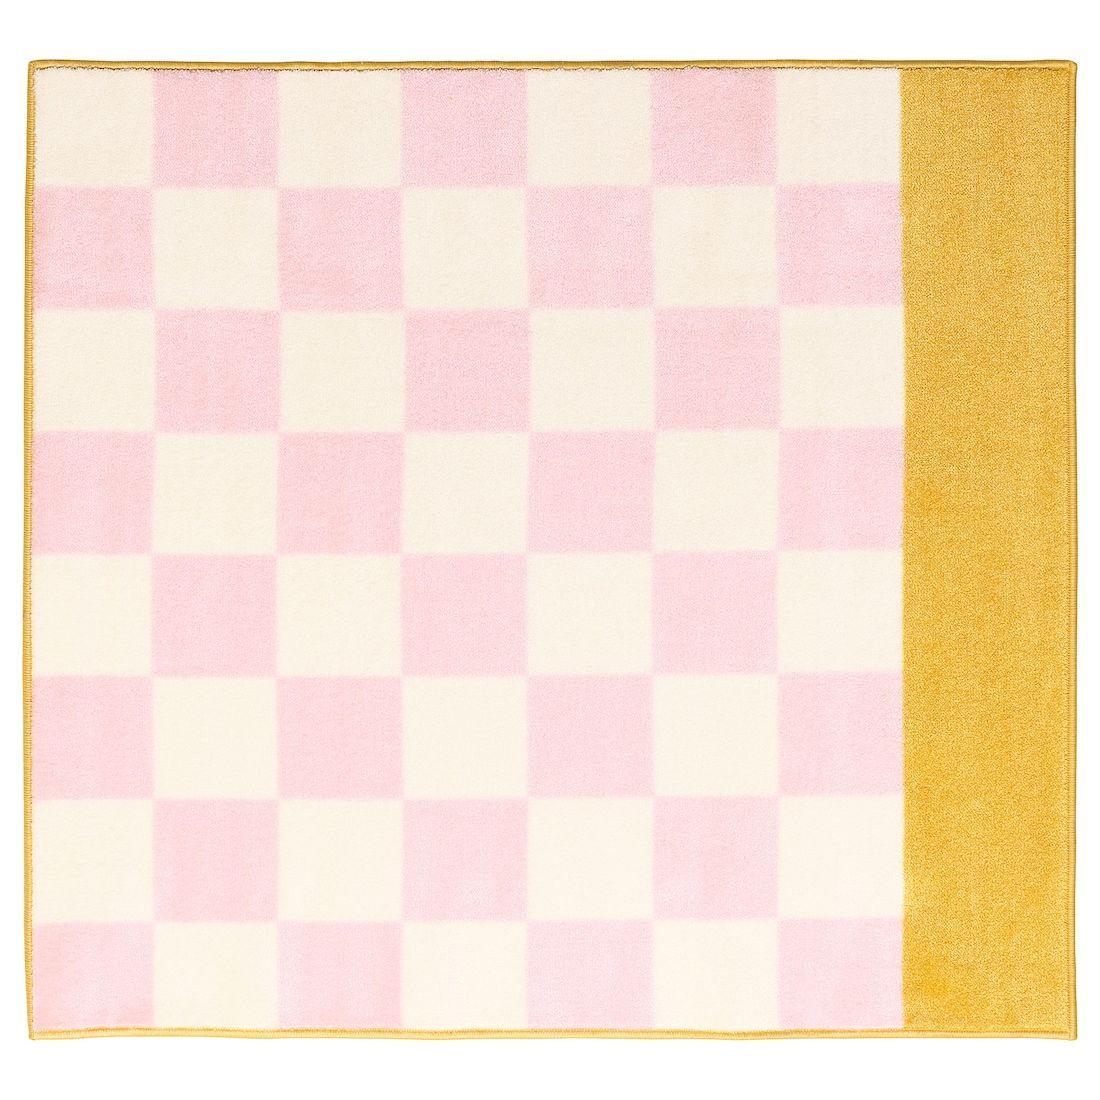 Tapis Anti Bruit Appartement stillsamt tapis, poils hauts - rose | ikea, tapis et